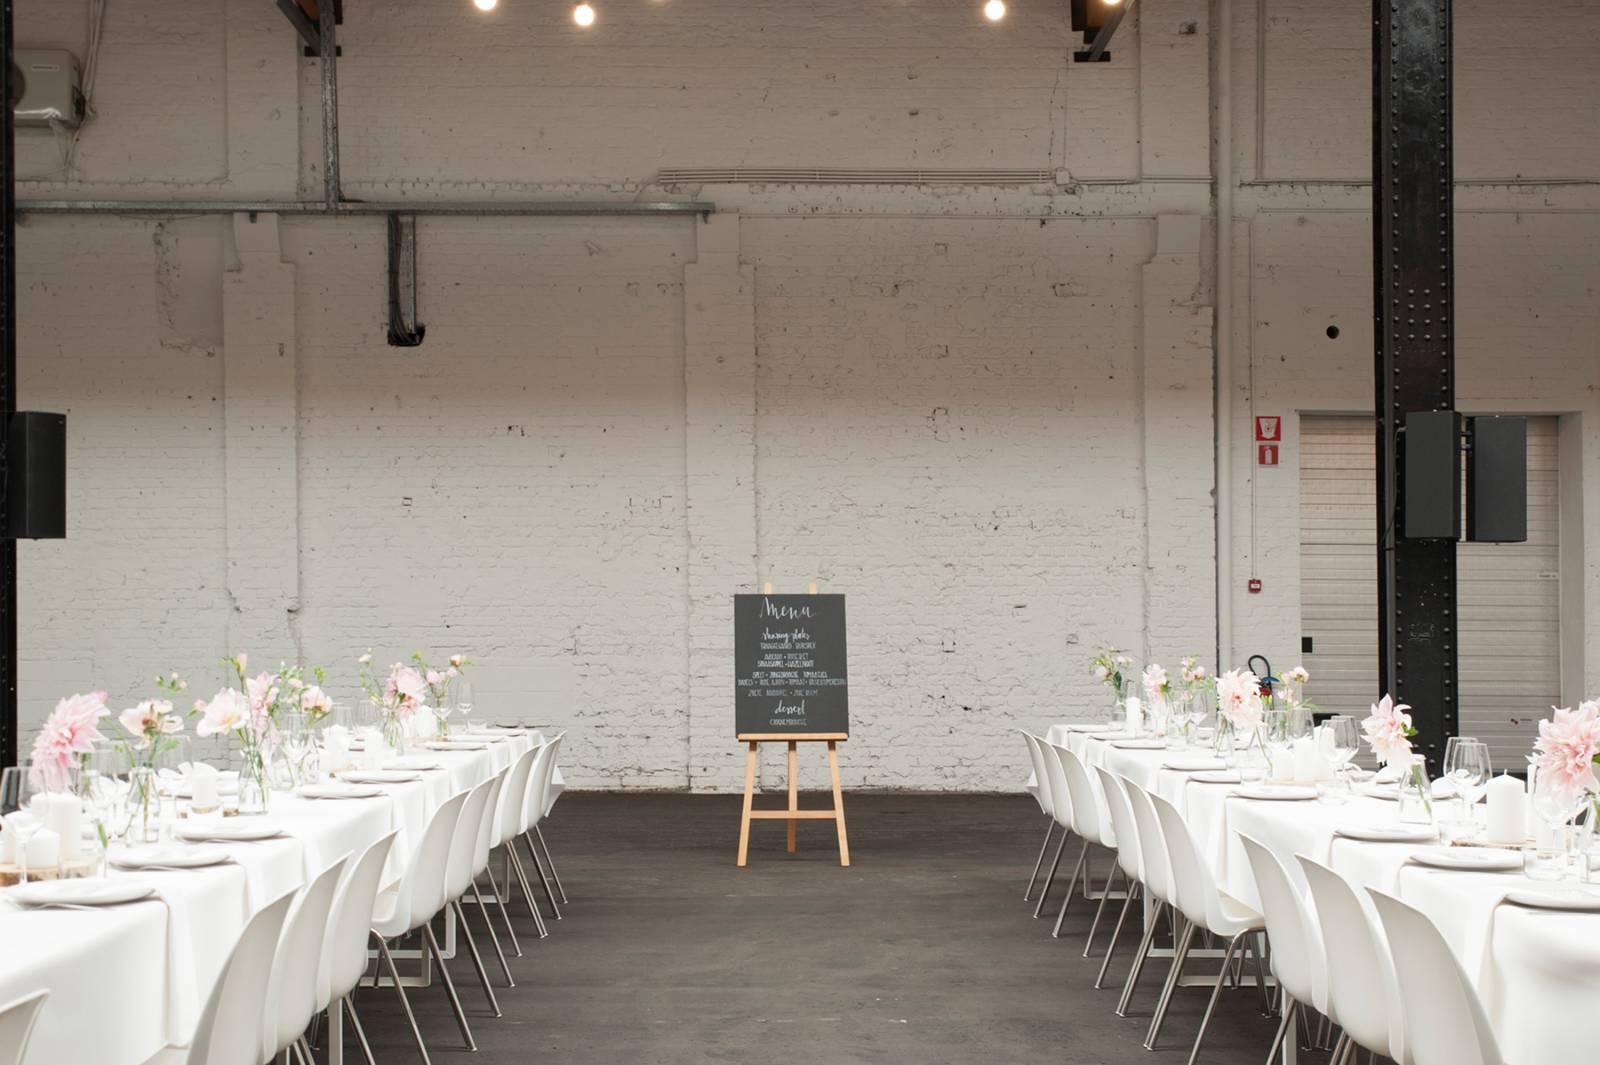 House of Weddings Firma Cantina Feestzaal Wedding Venue Huwelijk Brussel industrieel fabriek ceremonie receptie walking dinner (5)